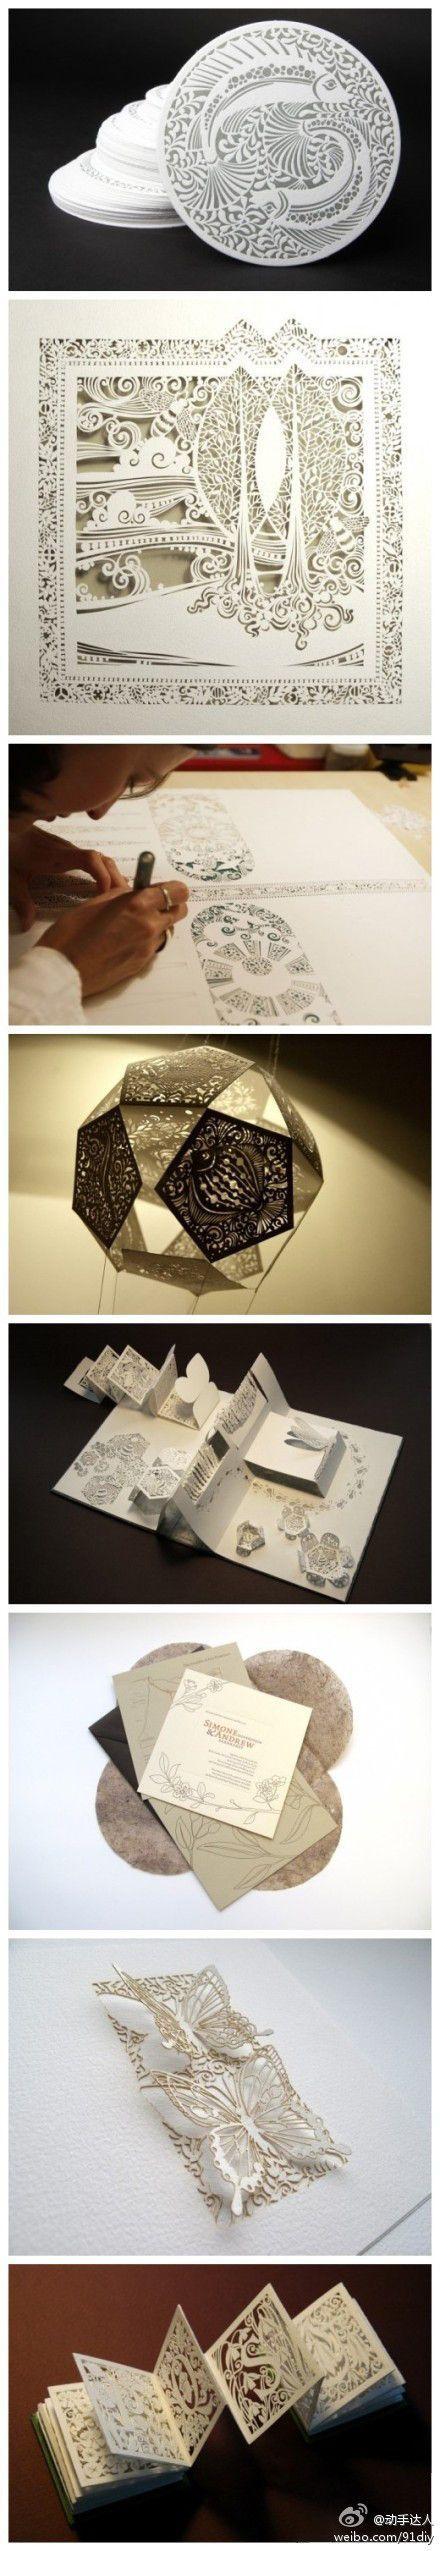 Kağıt Kesme Sanatı Örnekleri ,  #fuyang #kağıtkesmesanatıadı #kağıtkesmesanatımodelleri #kağıtkesmesanatınedir #kağıtkesmesanatıyapımı #kirigami #kirigamimodelleri #kirigamiörnekleri #papercuttingart , Ben bu güzel sanatla yeni tanıştım diyebilirim. Daha önce birkaç örnek görmüştüm ama bu denli ilgimi çekmemişti. İyi yürekli bir takip�...